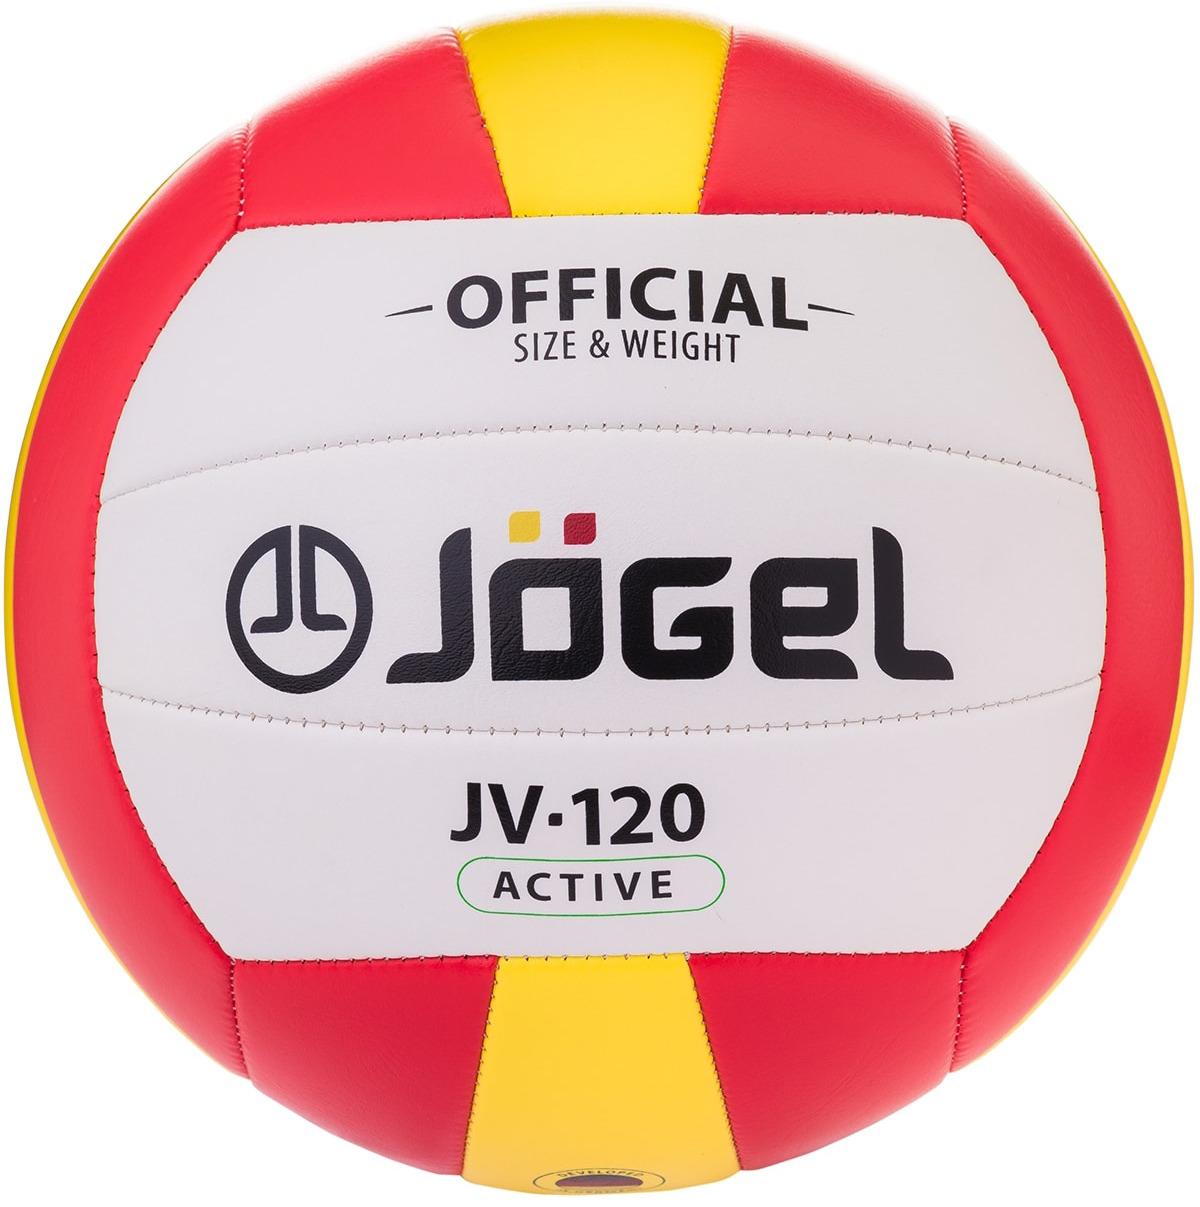 Мяч волейбольный Jоgel JV-120, цвет: оранжевый, красный. Размер 4 мяч волейбольный jоgel jv 220 цвет синий оранжевый размер 4